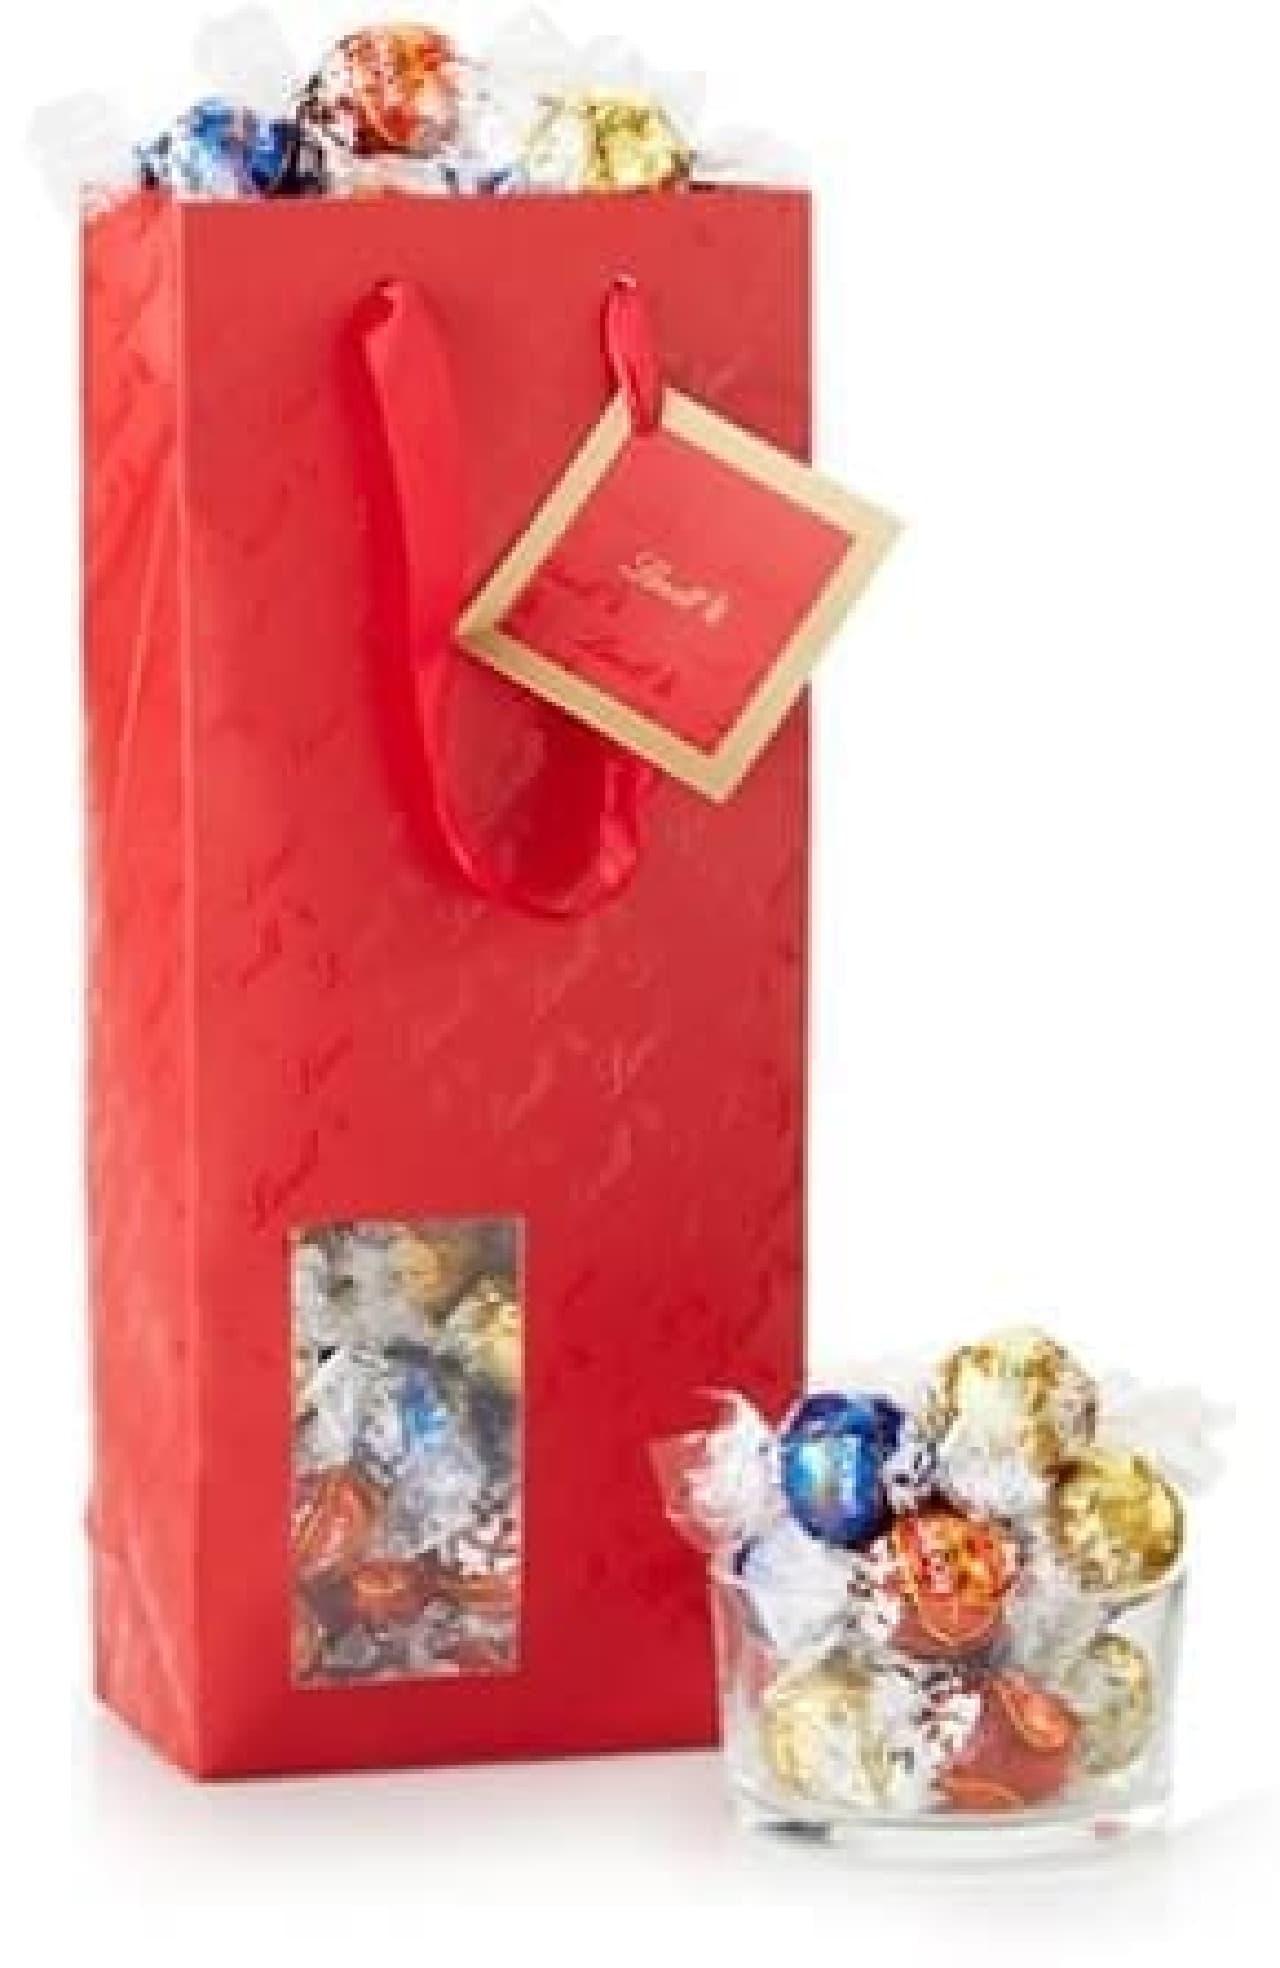 オープン記念!リンツチョコレート スペシャルバッグ